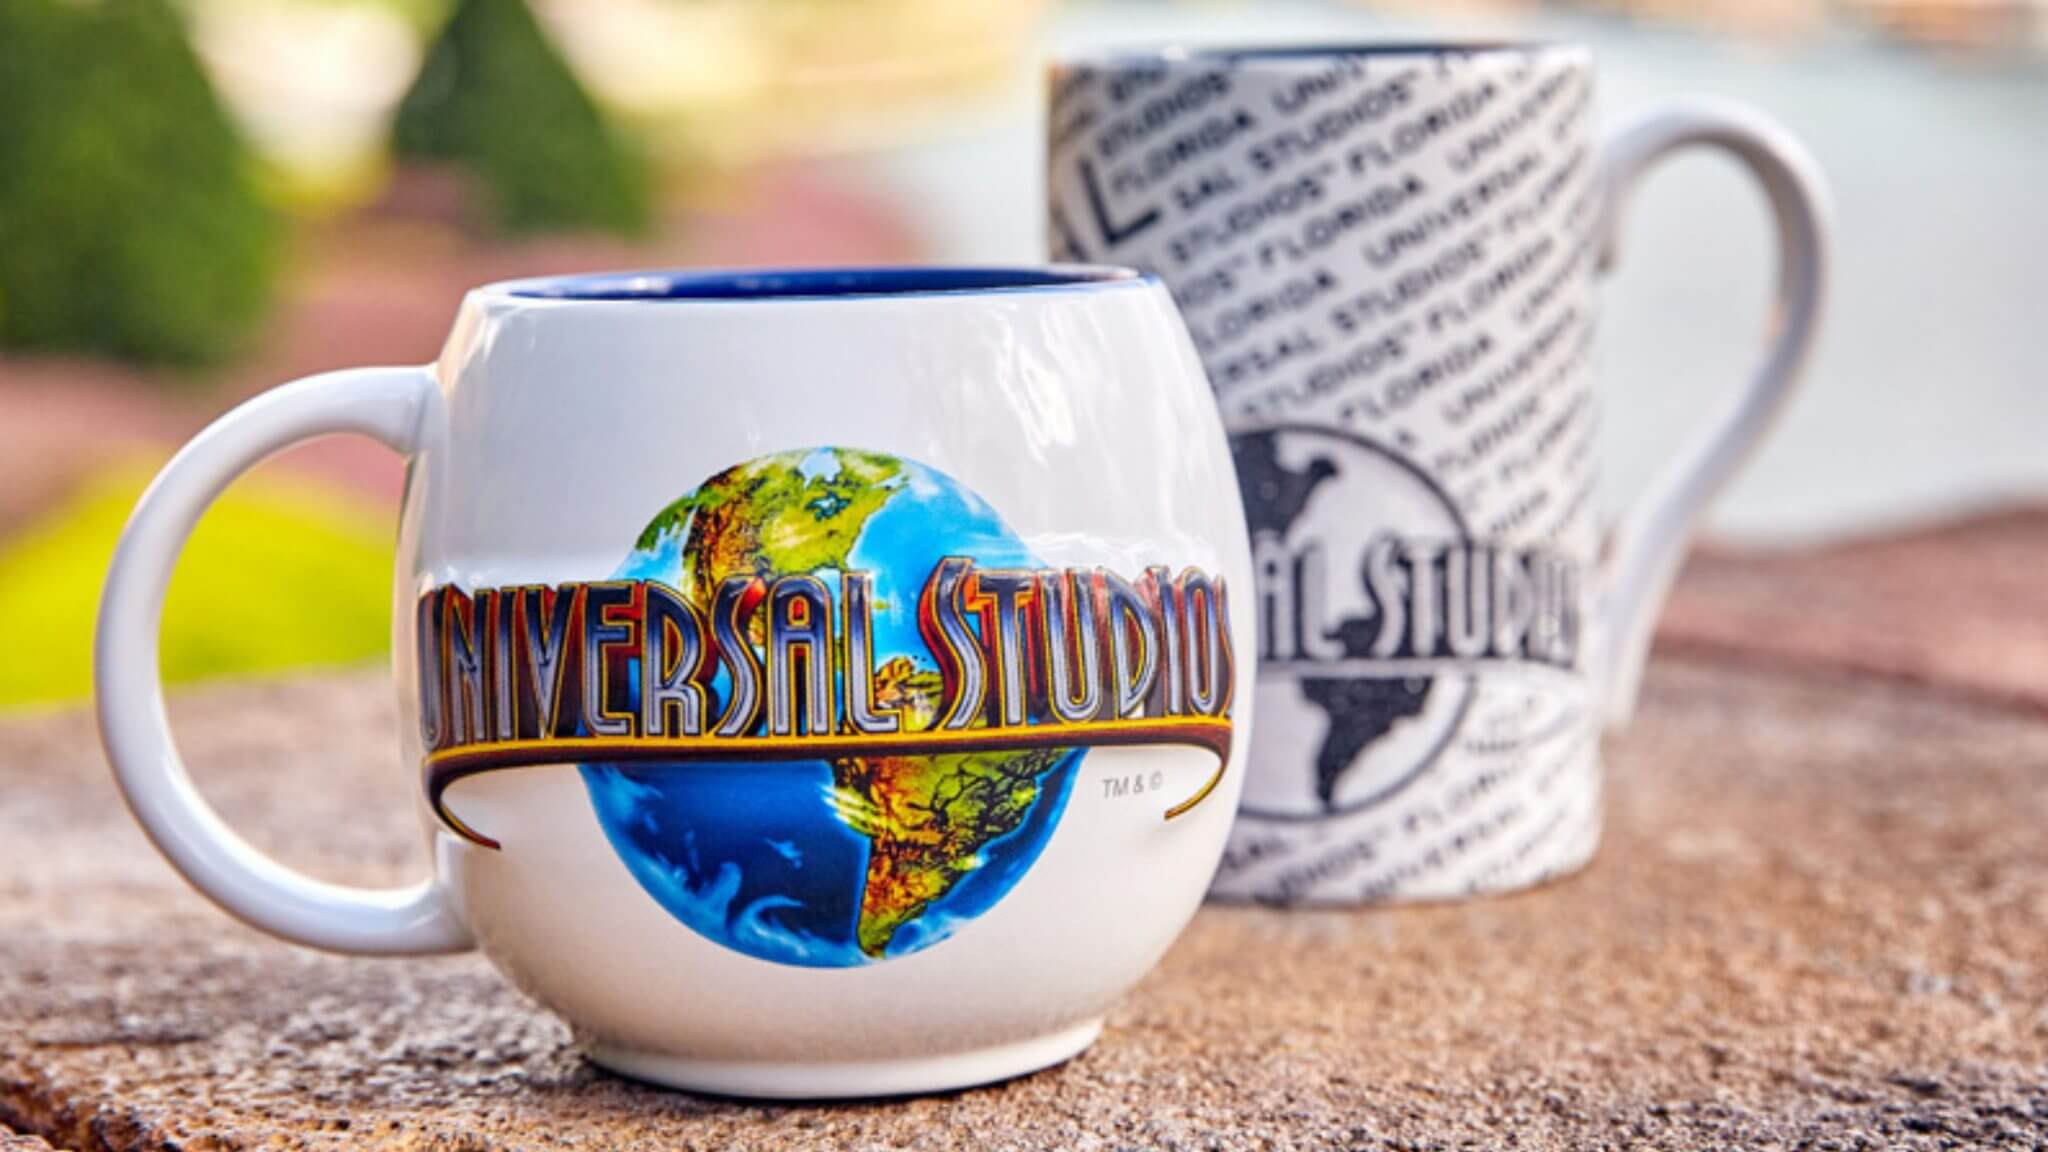 Coffee Universal Orlando Resort